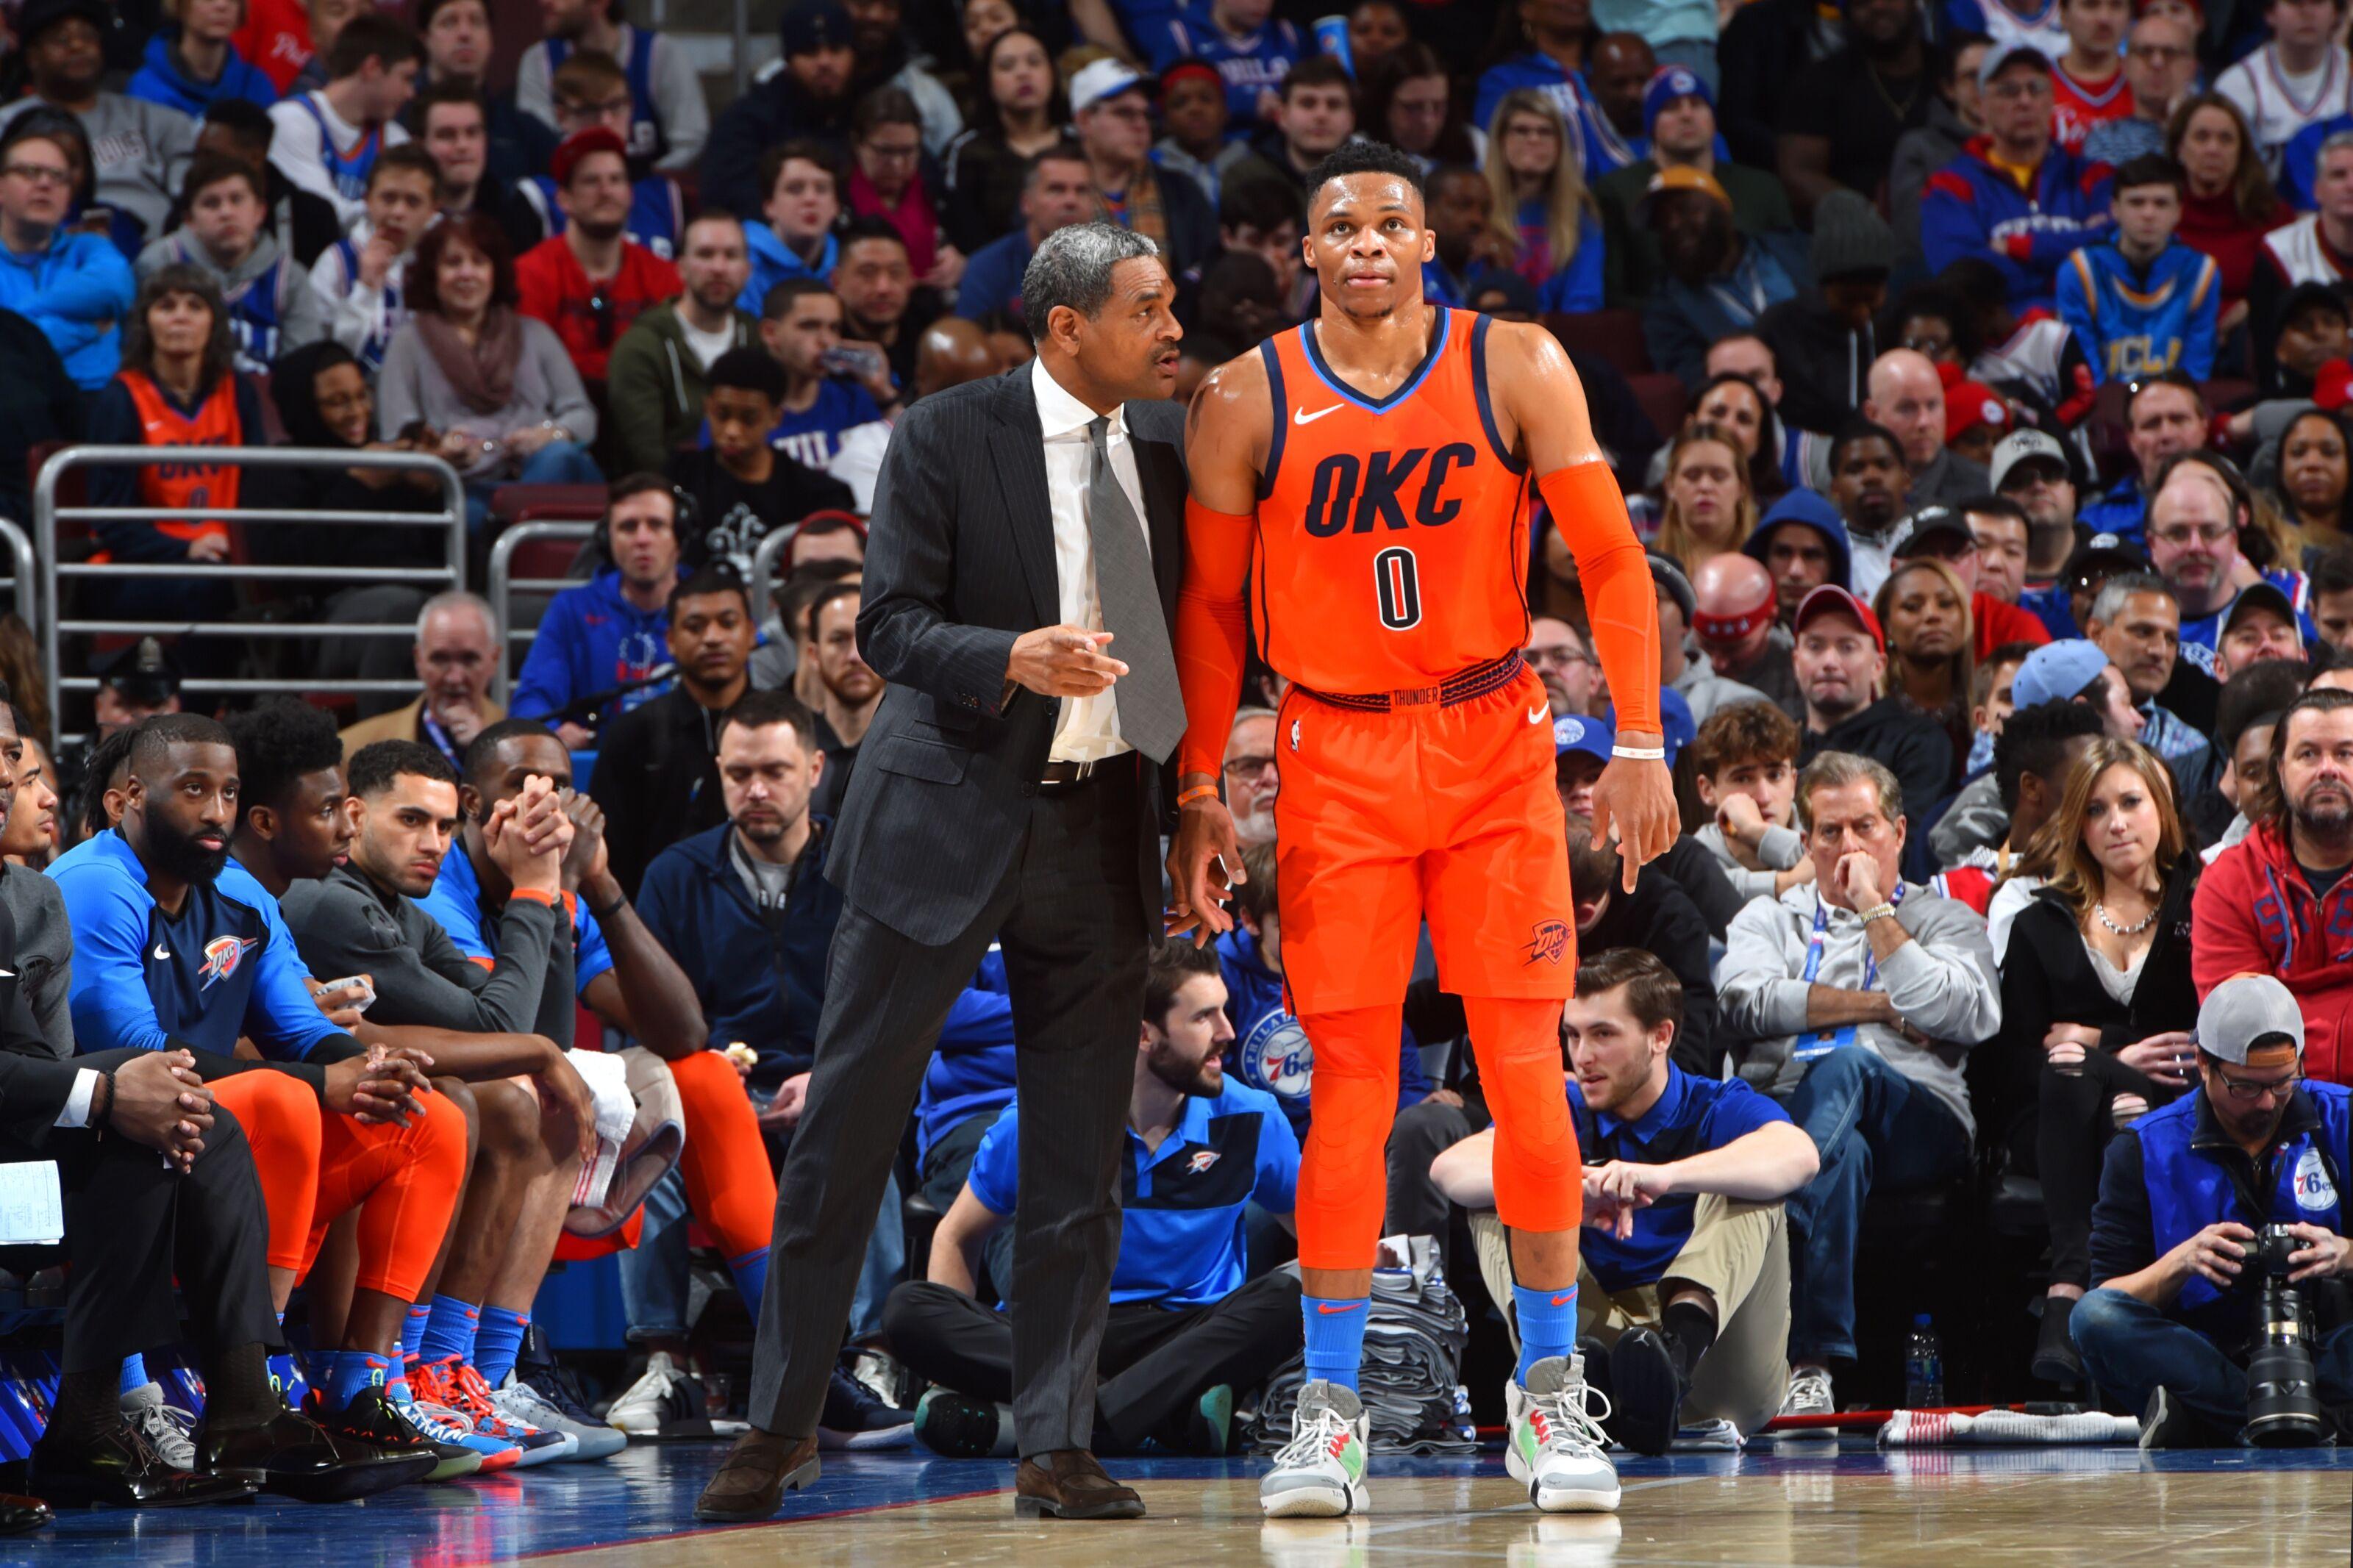 The next OKC Thunder head coach is already in Oklahoma City and it's not Mo Cheeks